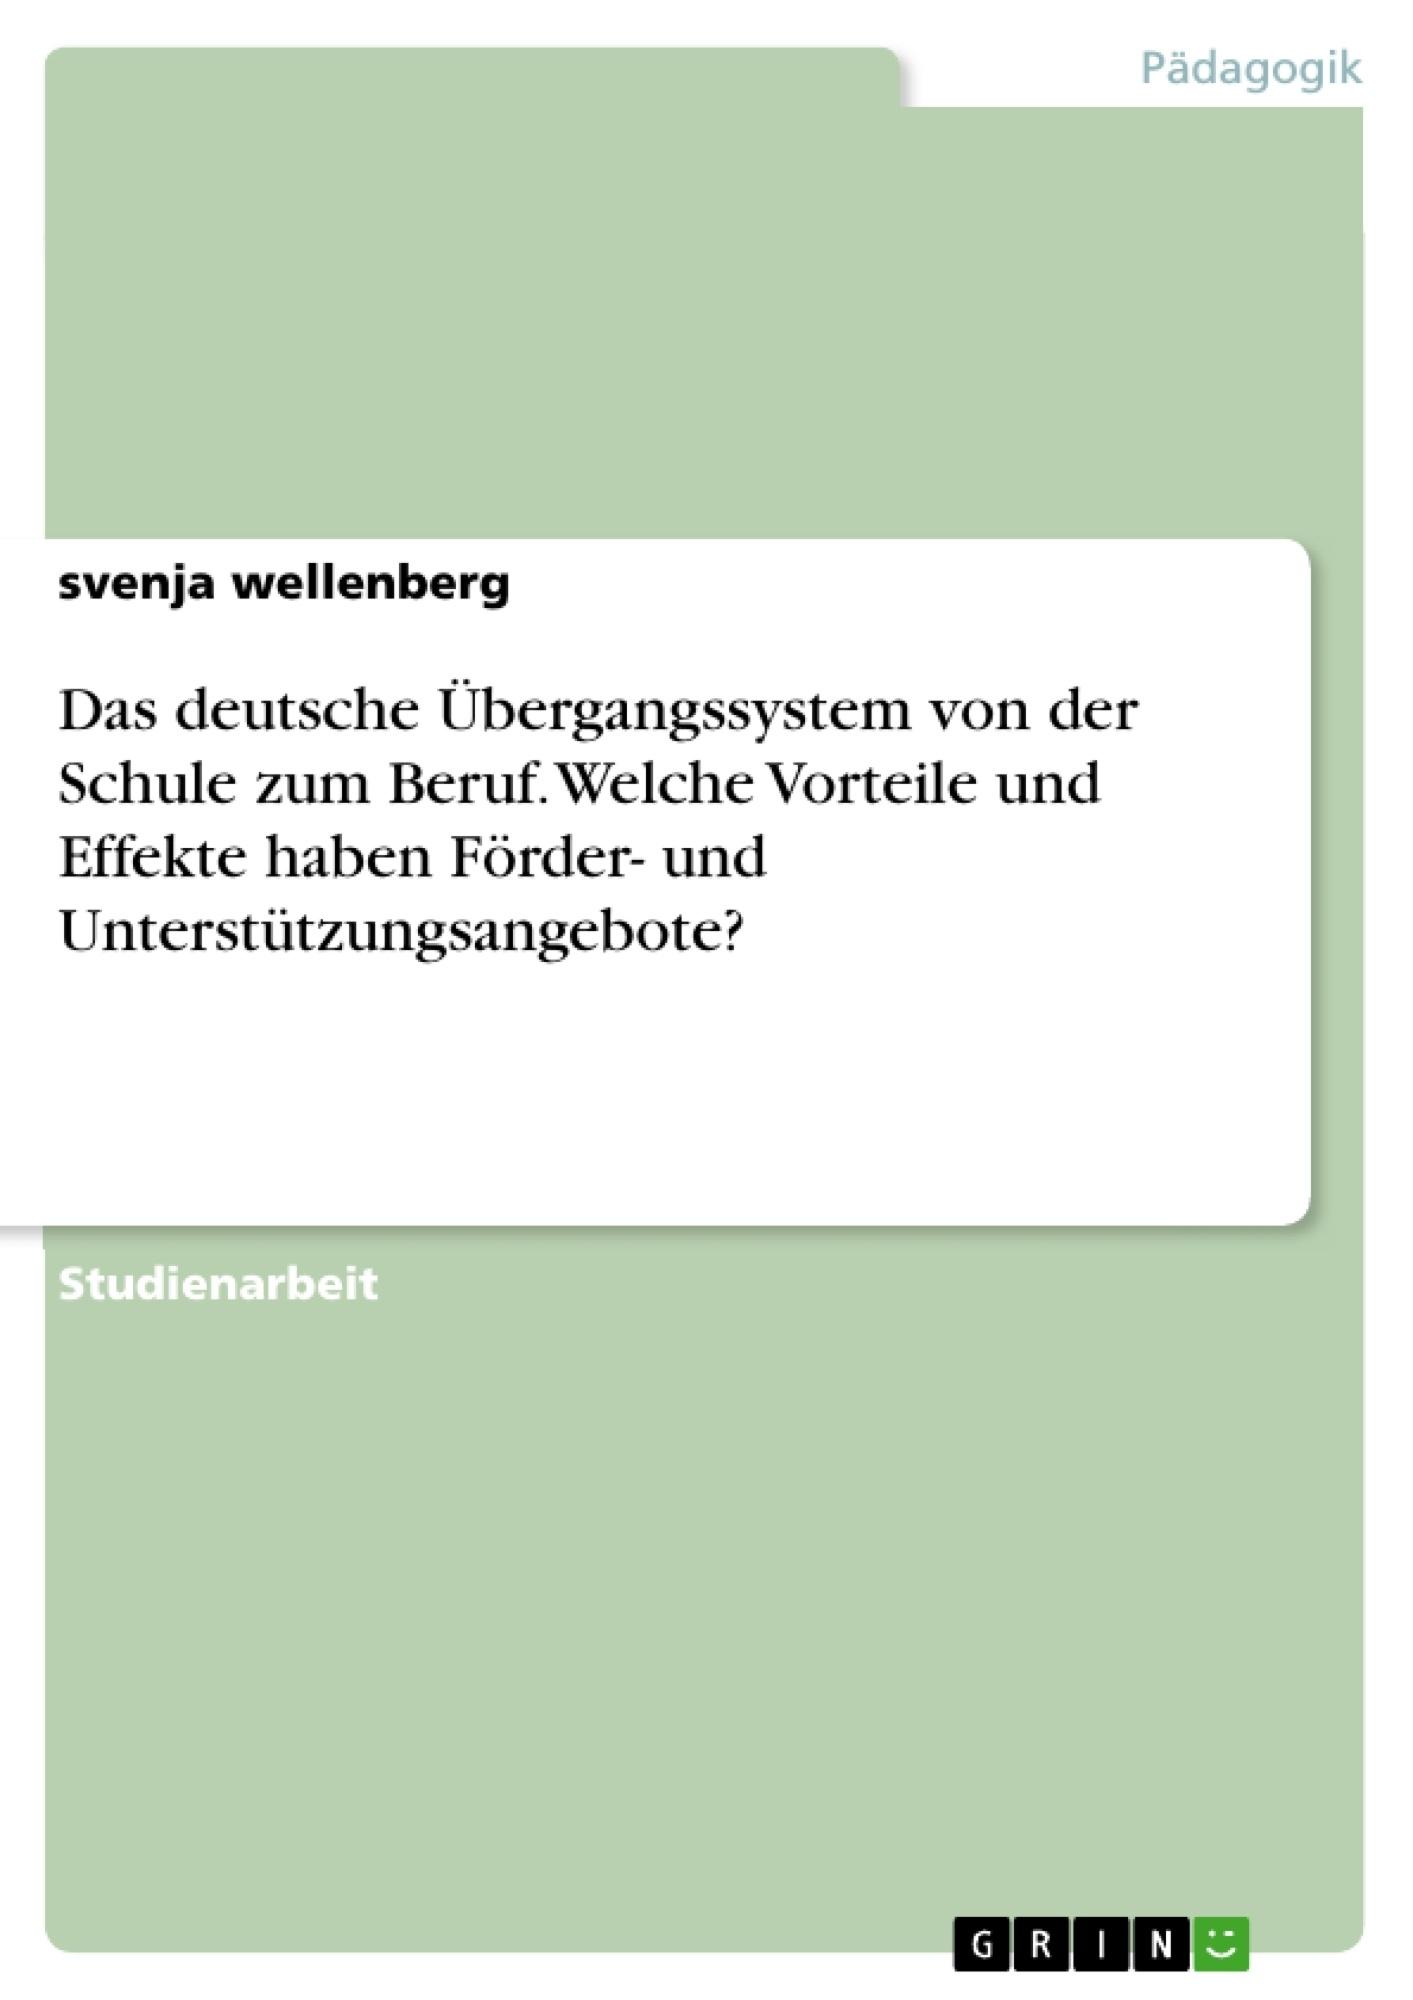 Titel: Das deutsche Übergangssystem von der Schule zum Beruf. Welche Vorteile und Effekte haben Förder- und Unterstützungsangebote?